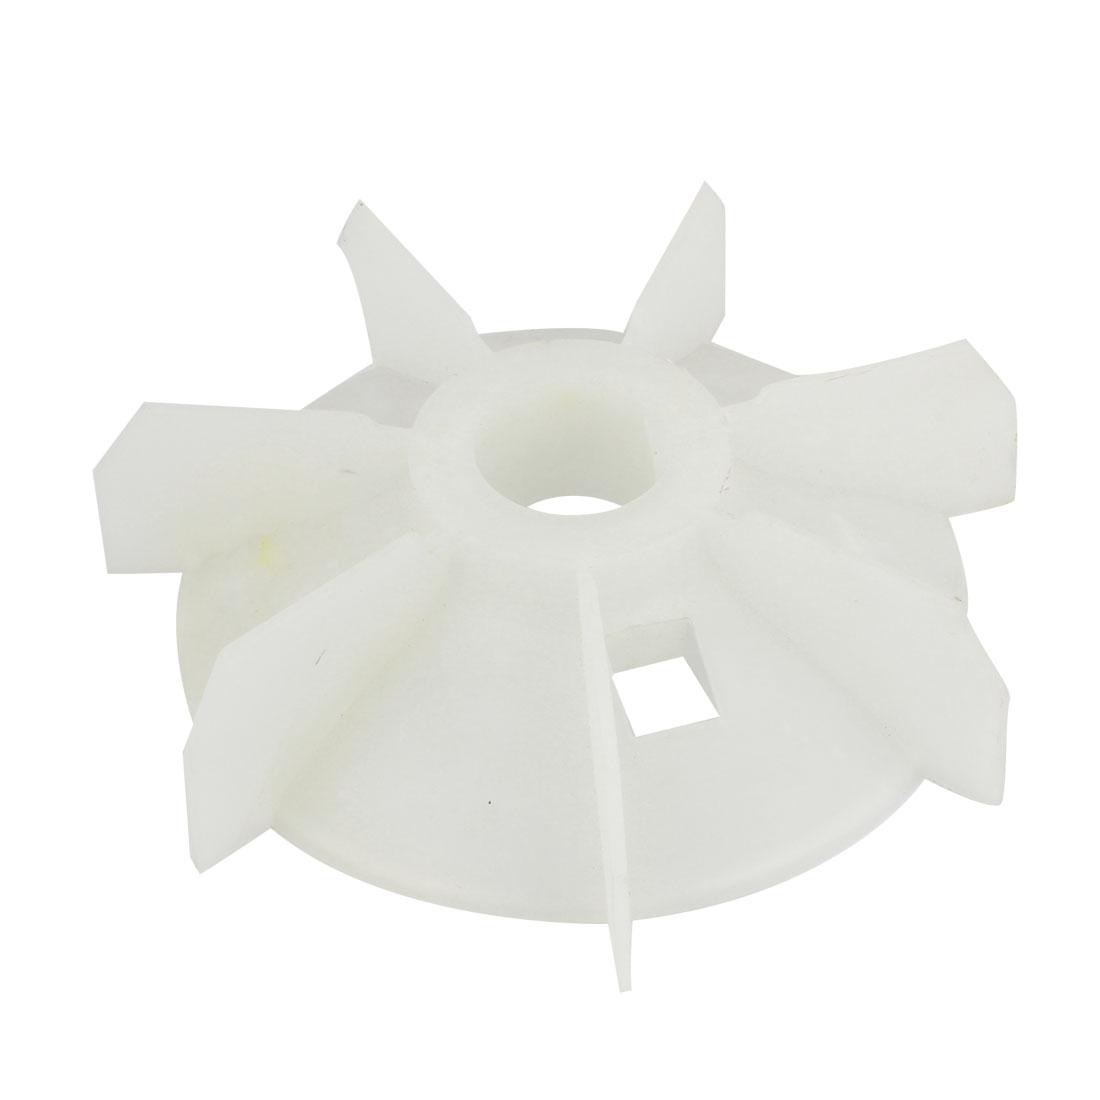 38.4mm Inner Dia 200mm Outer Diameter Plastic Motor Fan Vane Wheel Impeller Y2-132-4.6.8